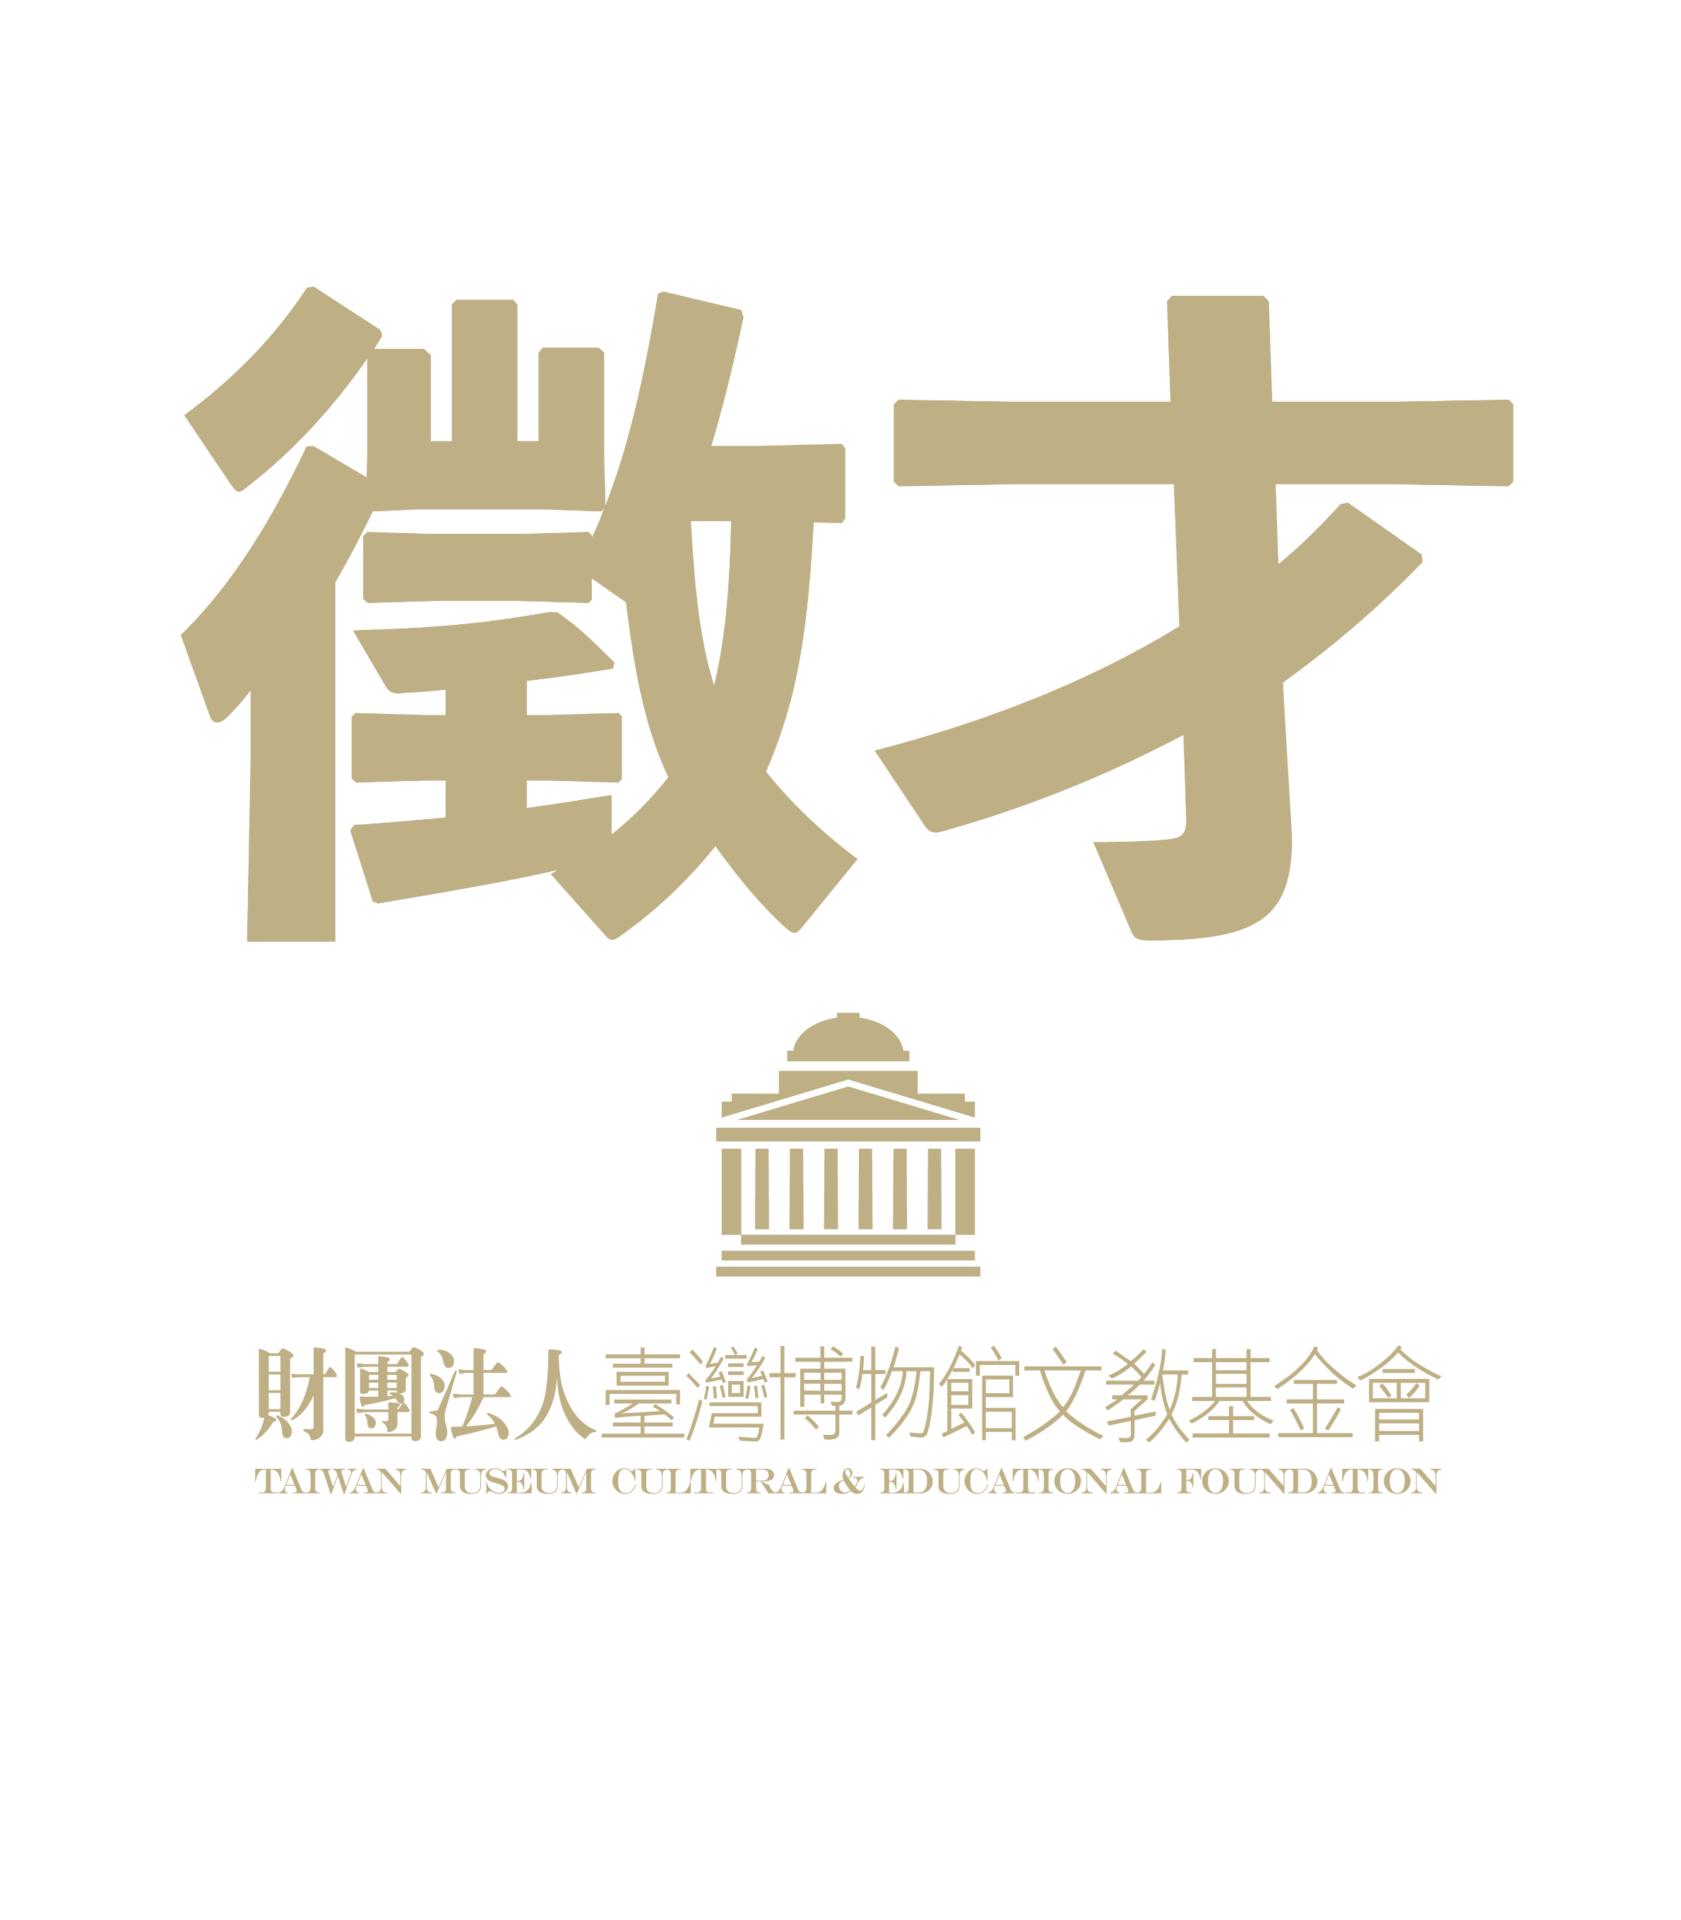 財團法人臺灣博物館文教基金會:即日起~4/6【徵才公告(會計1名)】